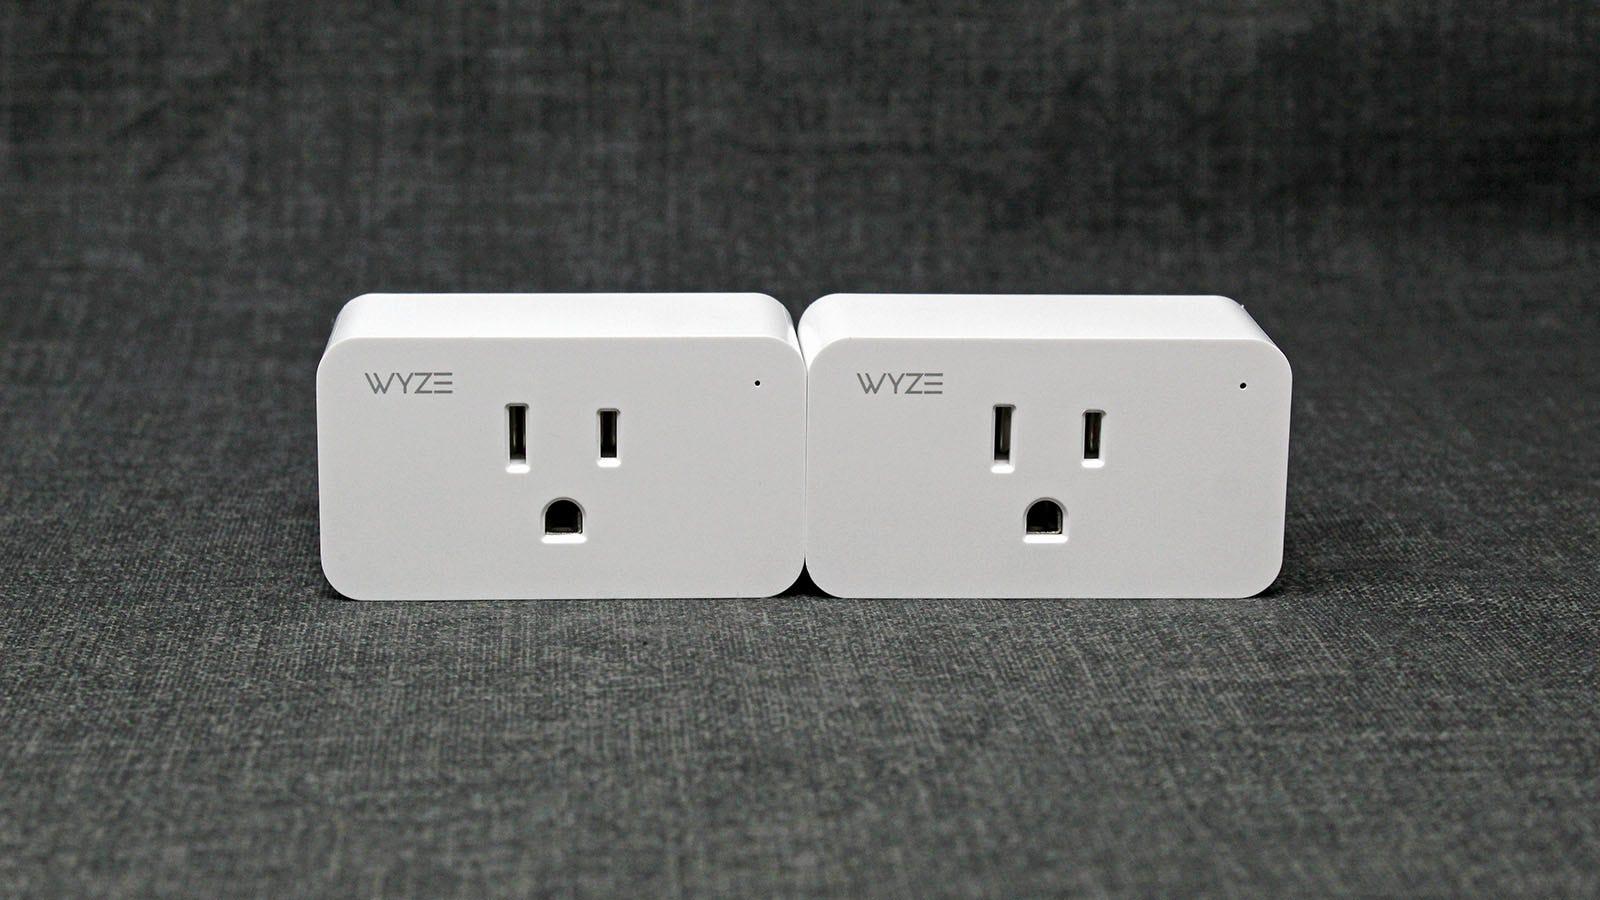 Two Wyze Smart Plugs side by side.